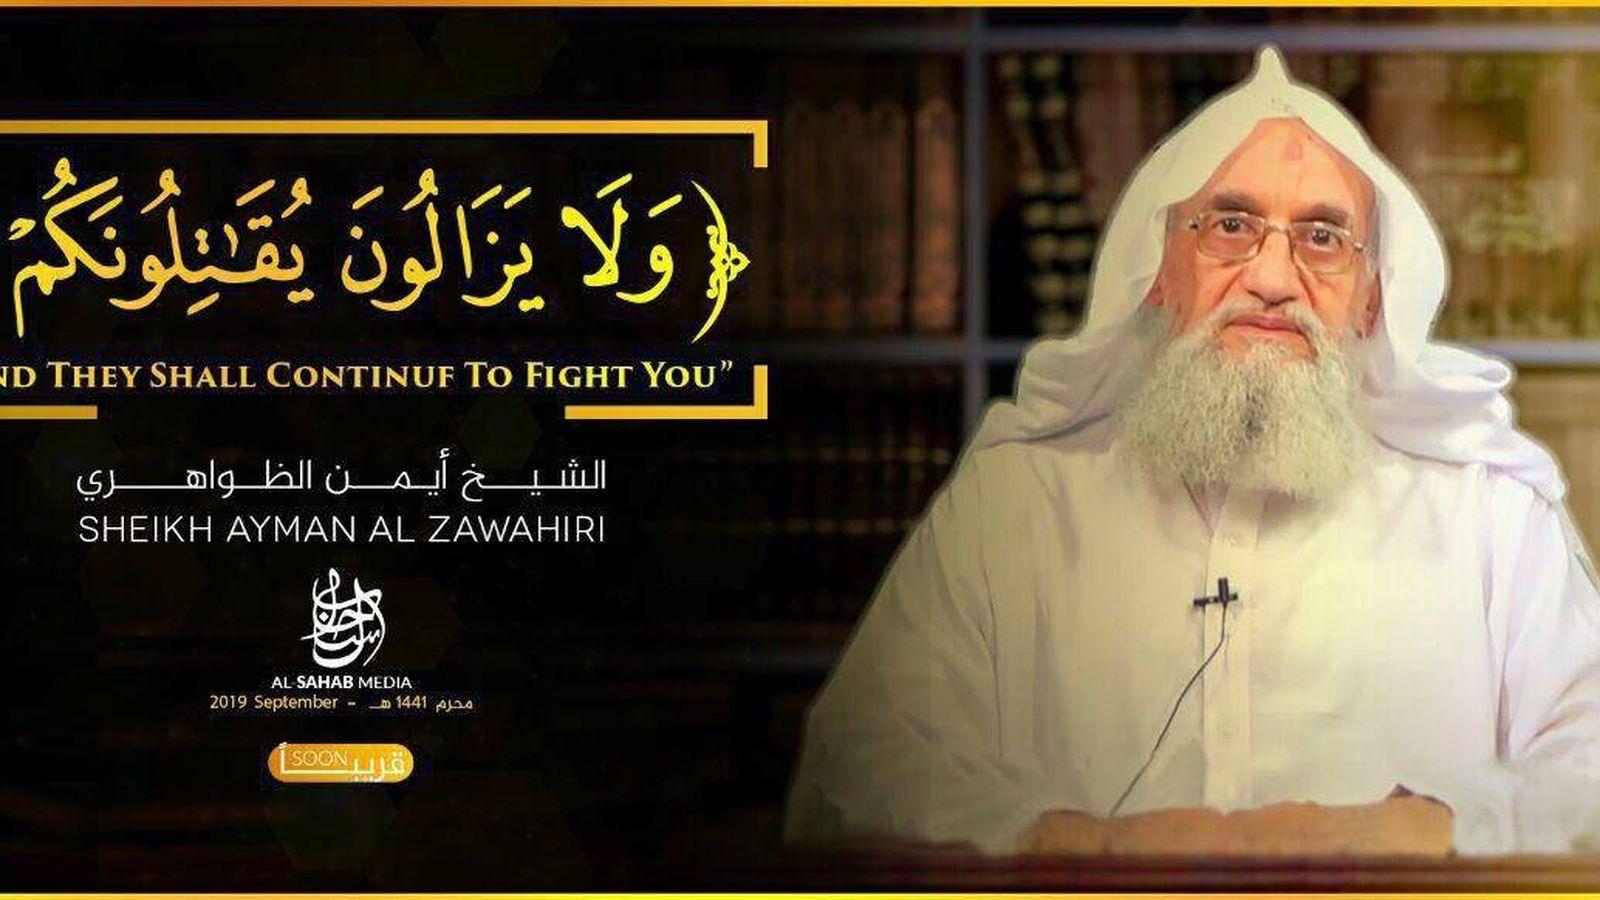 Foto: El líder del Al Qaeda, Ayman Al Zawahiri, en el vídeo.